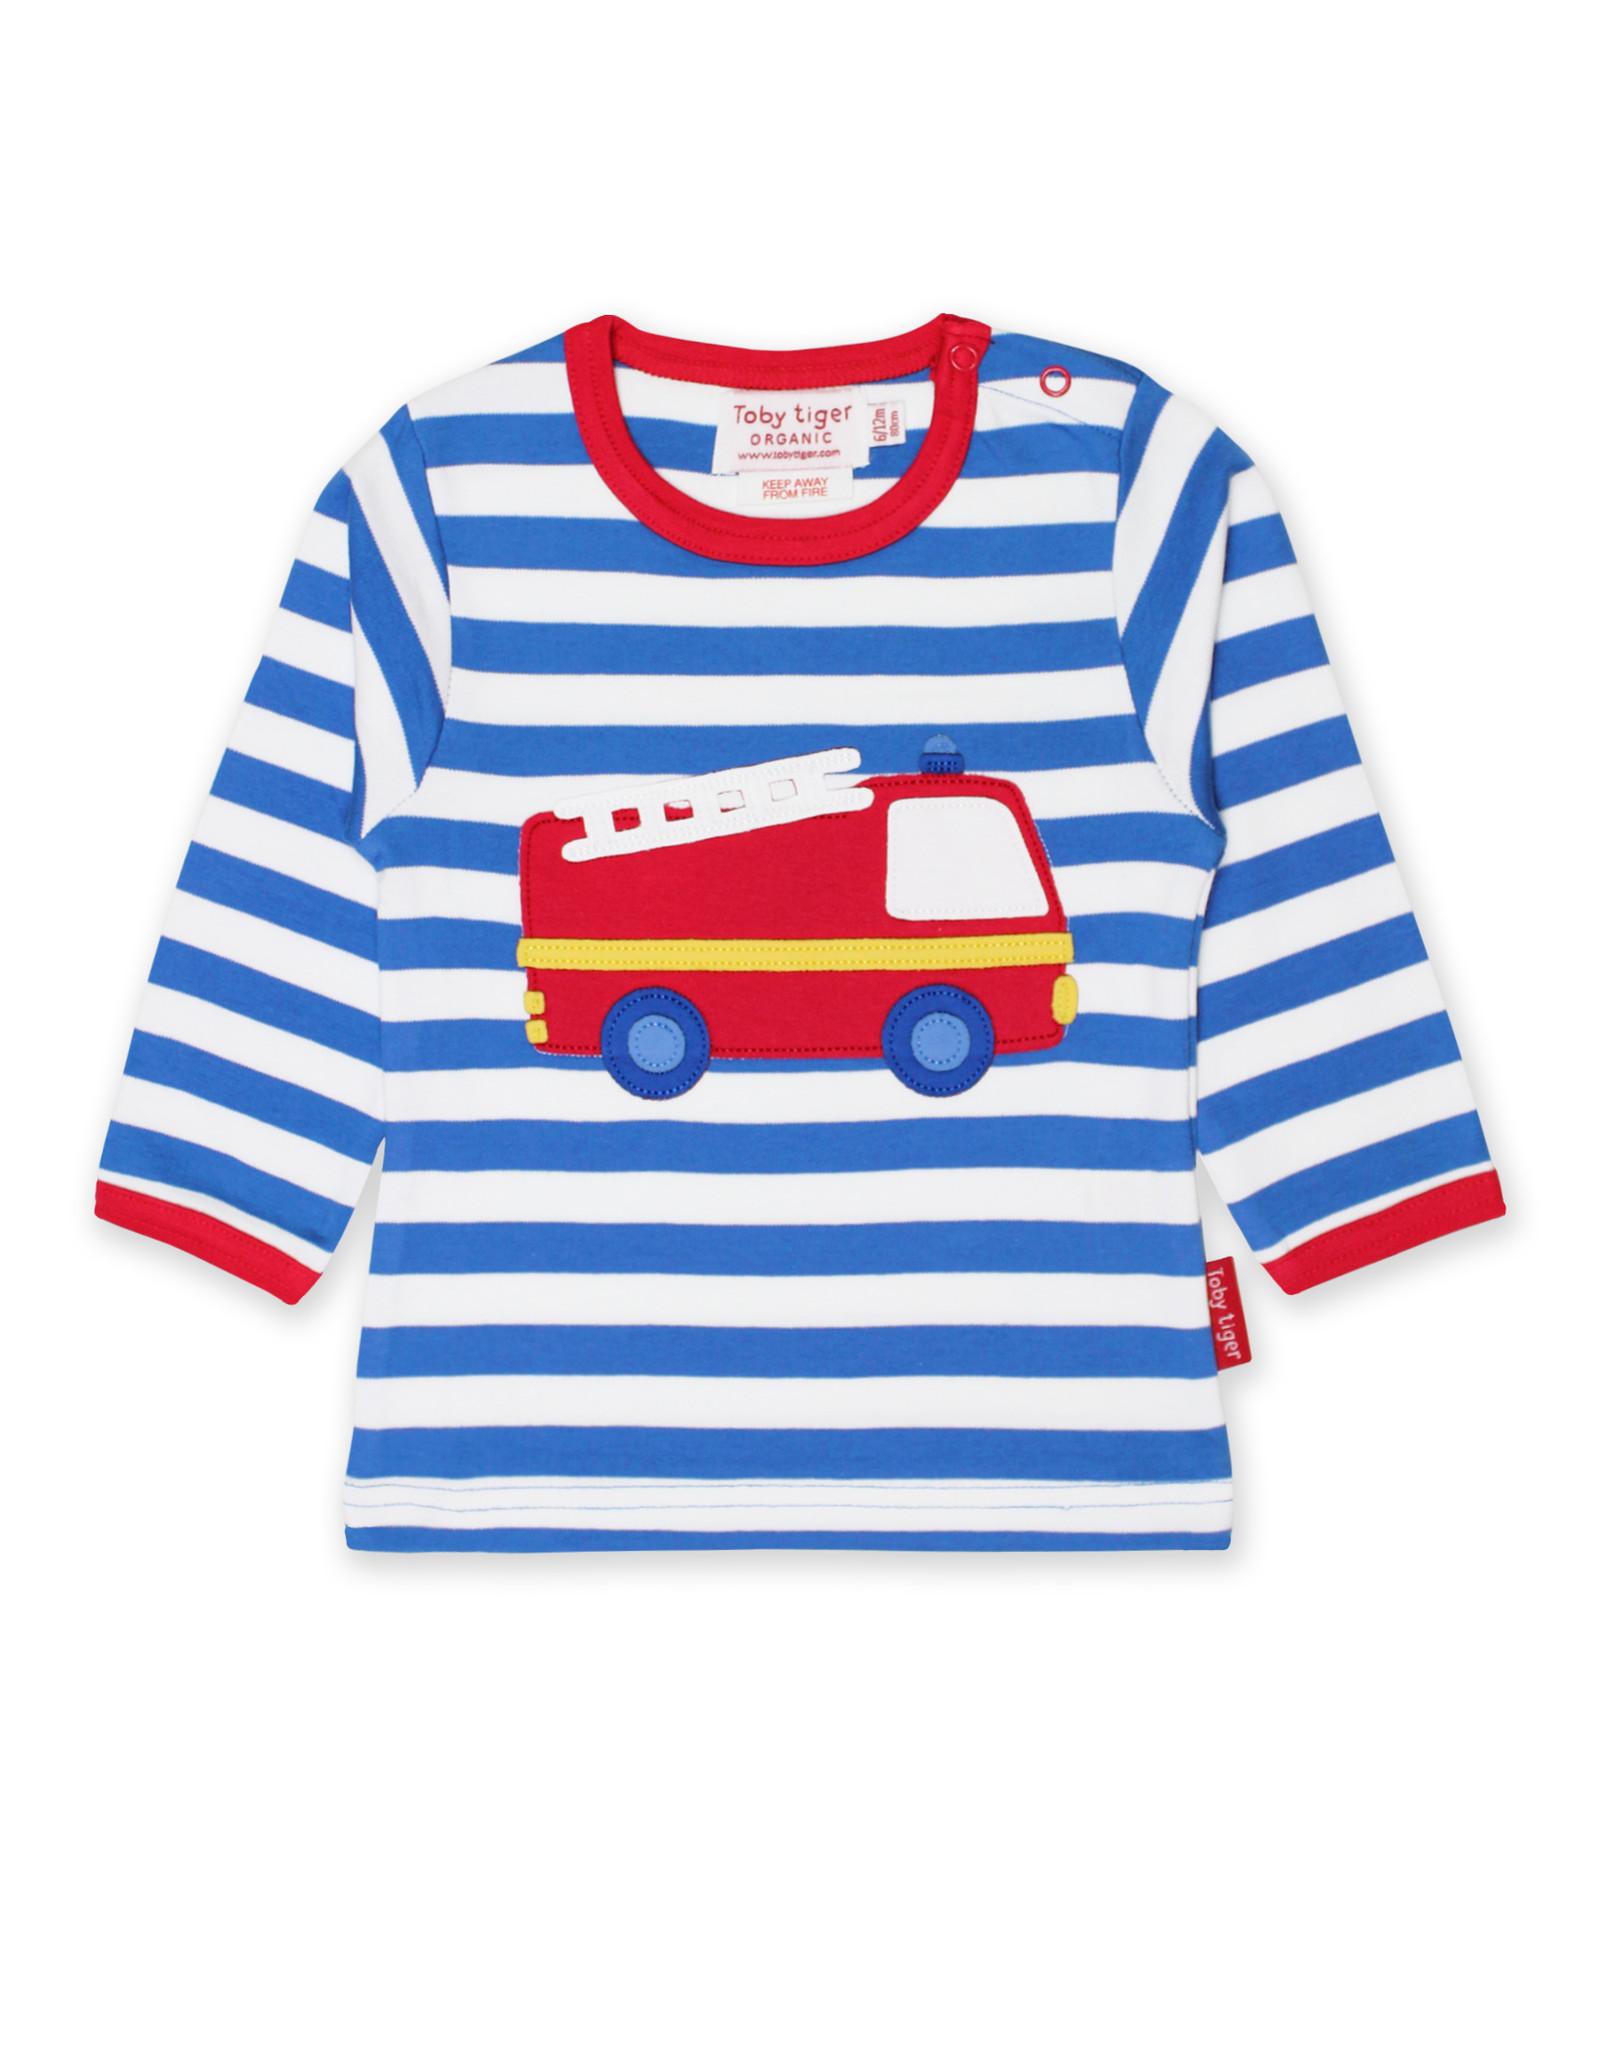 Toby Tiger Kids shirt - fire truck